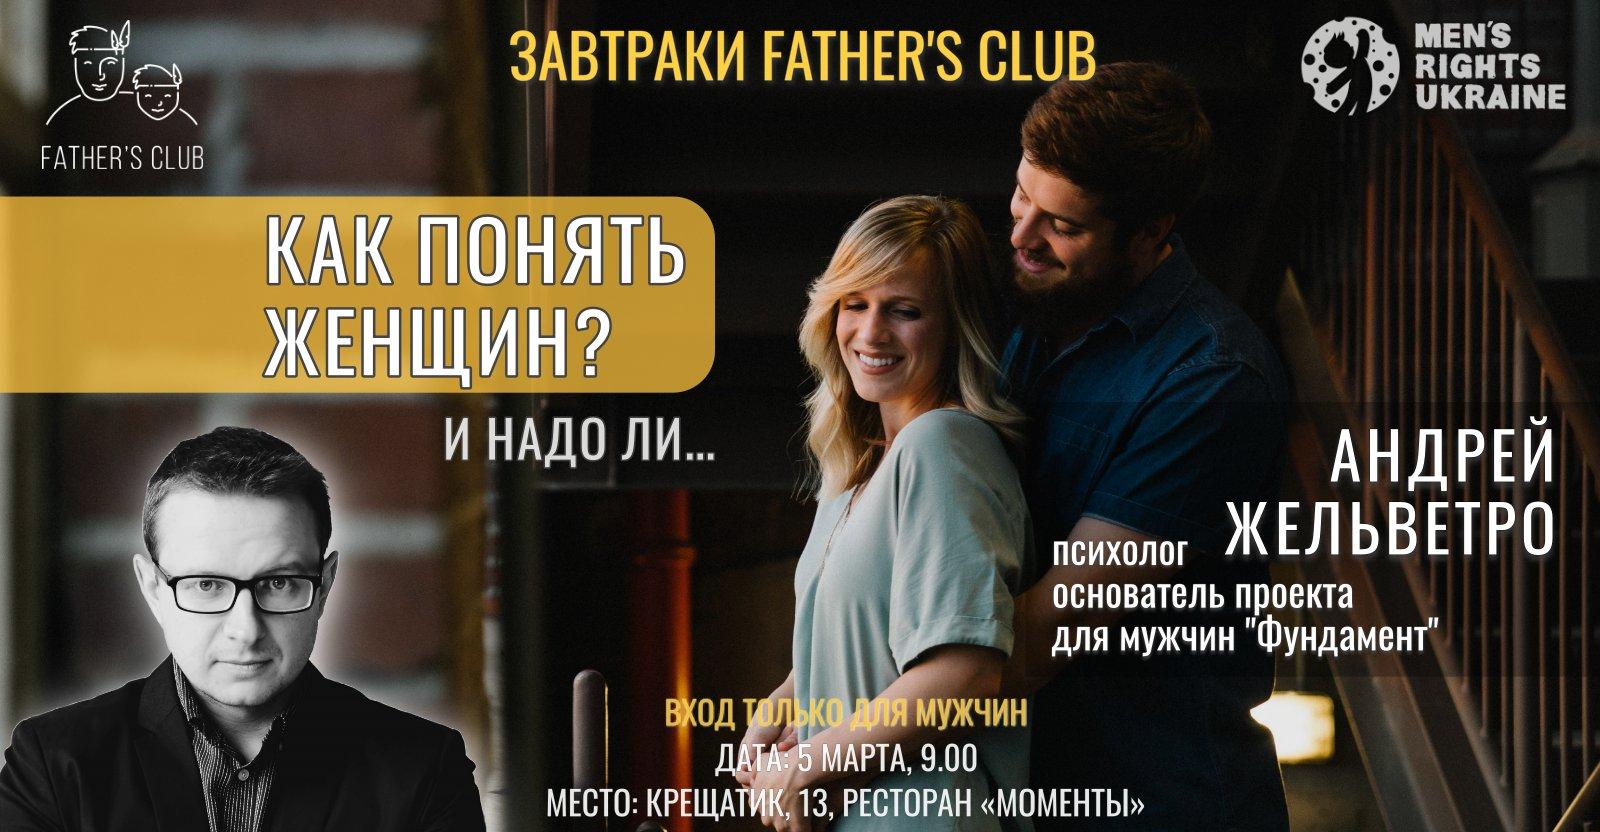 """5 березня, Київ: сніданок з Андрієм Жельветро """"Як зрозуміти жінок?"""""""